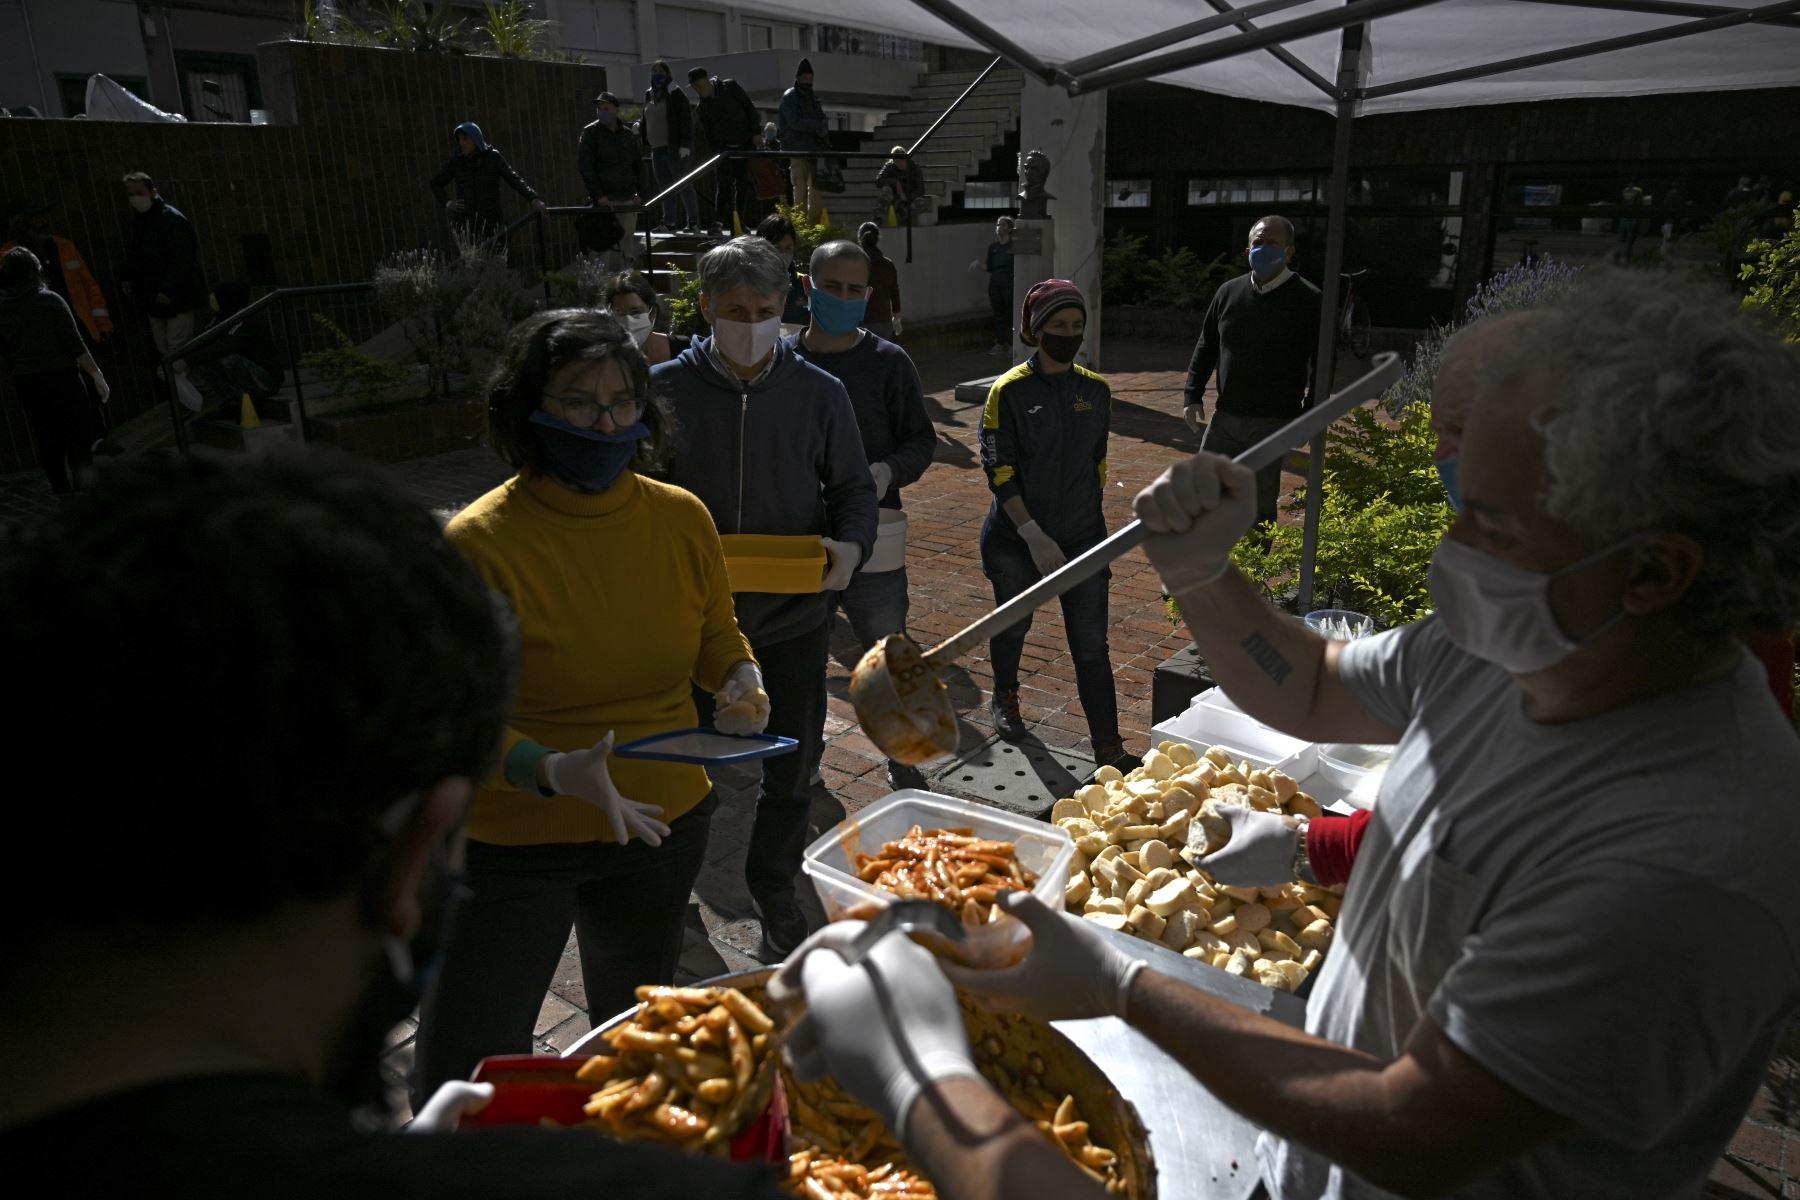 Un voluntario sirve una comida mientras la gente hace cola en un comedor popular en Montevideo. Foto: AFP